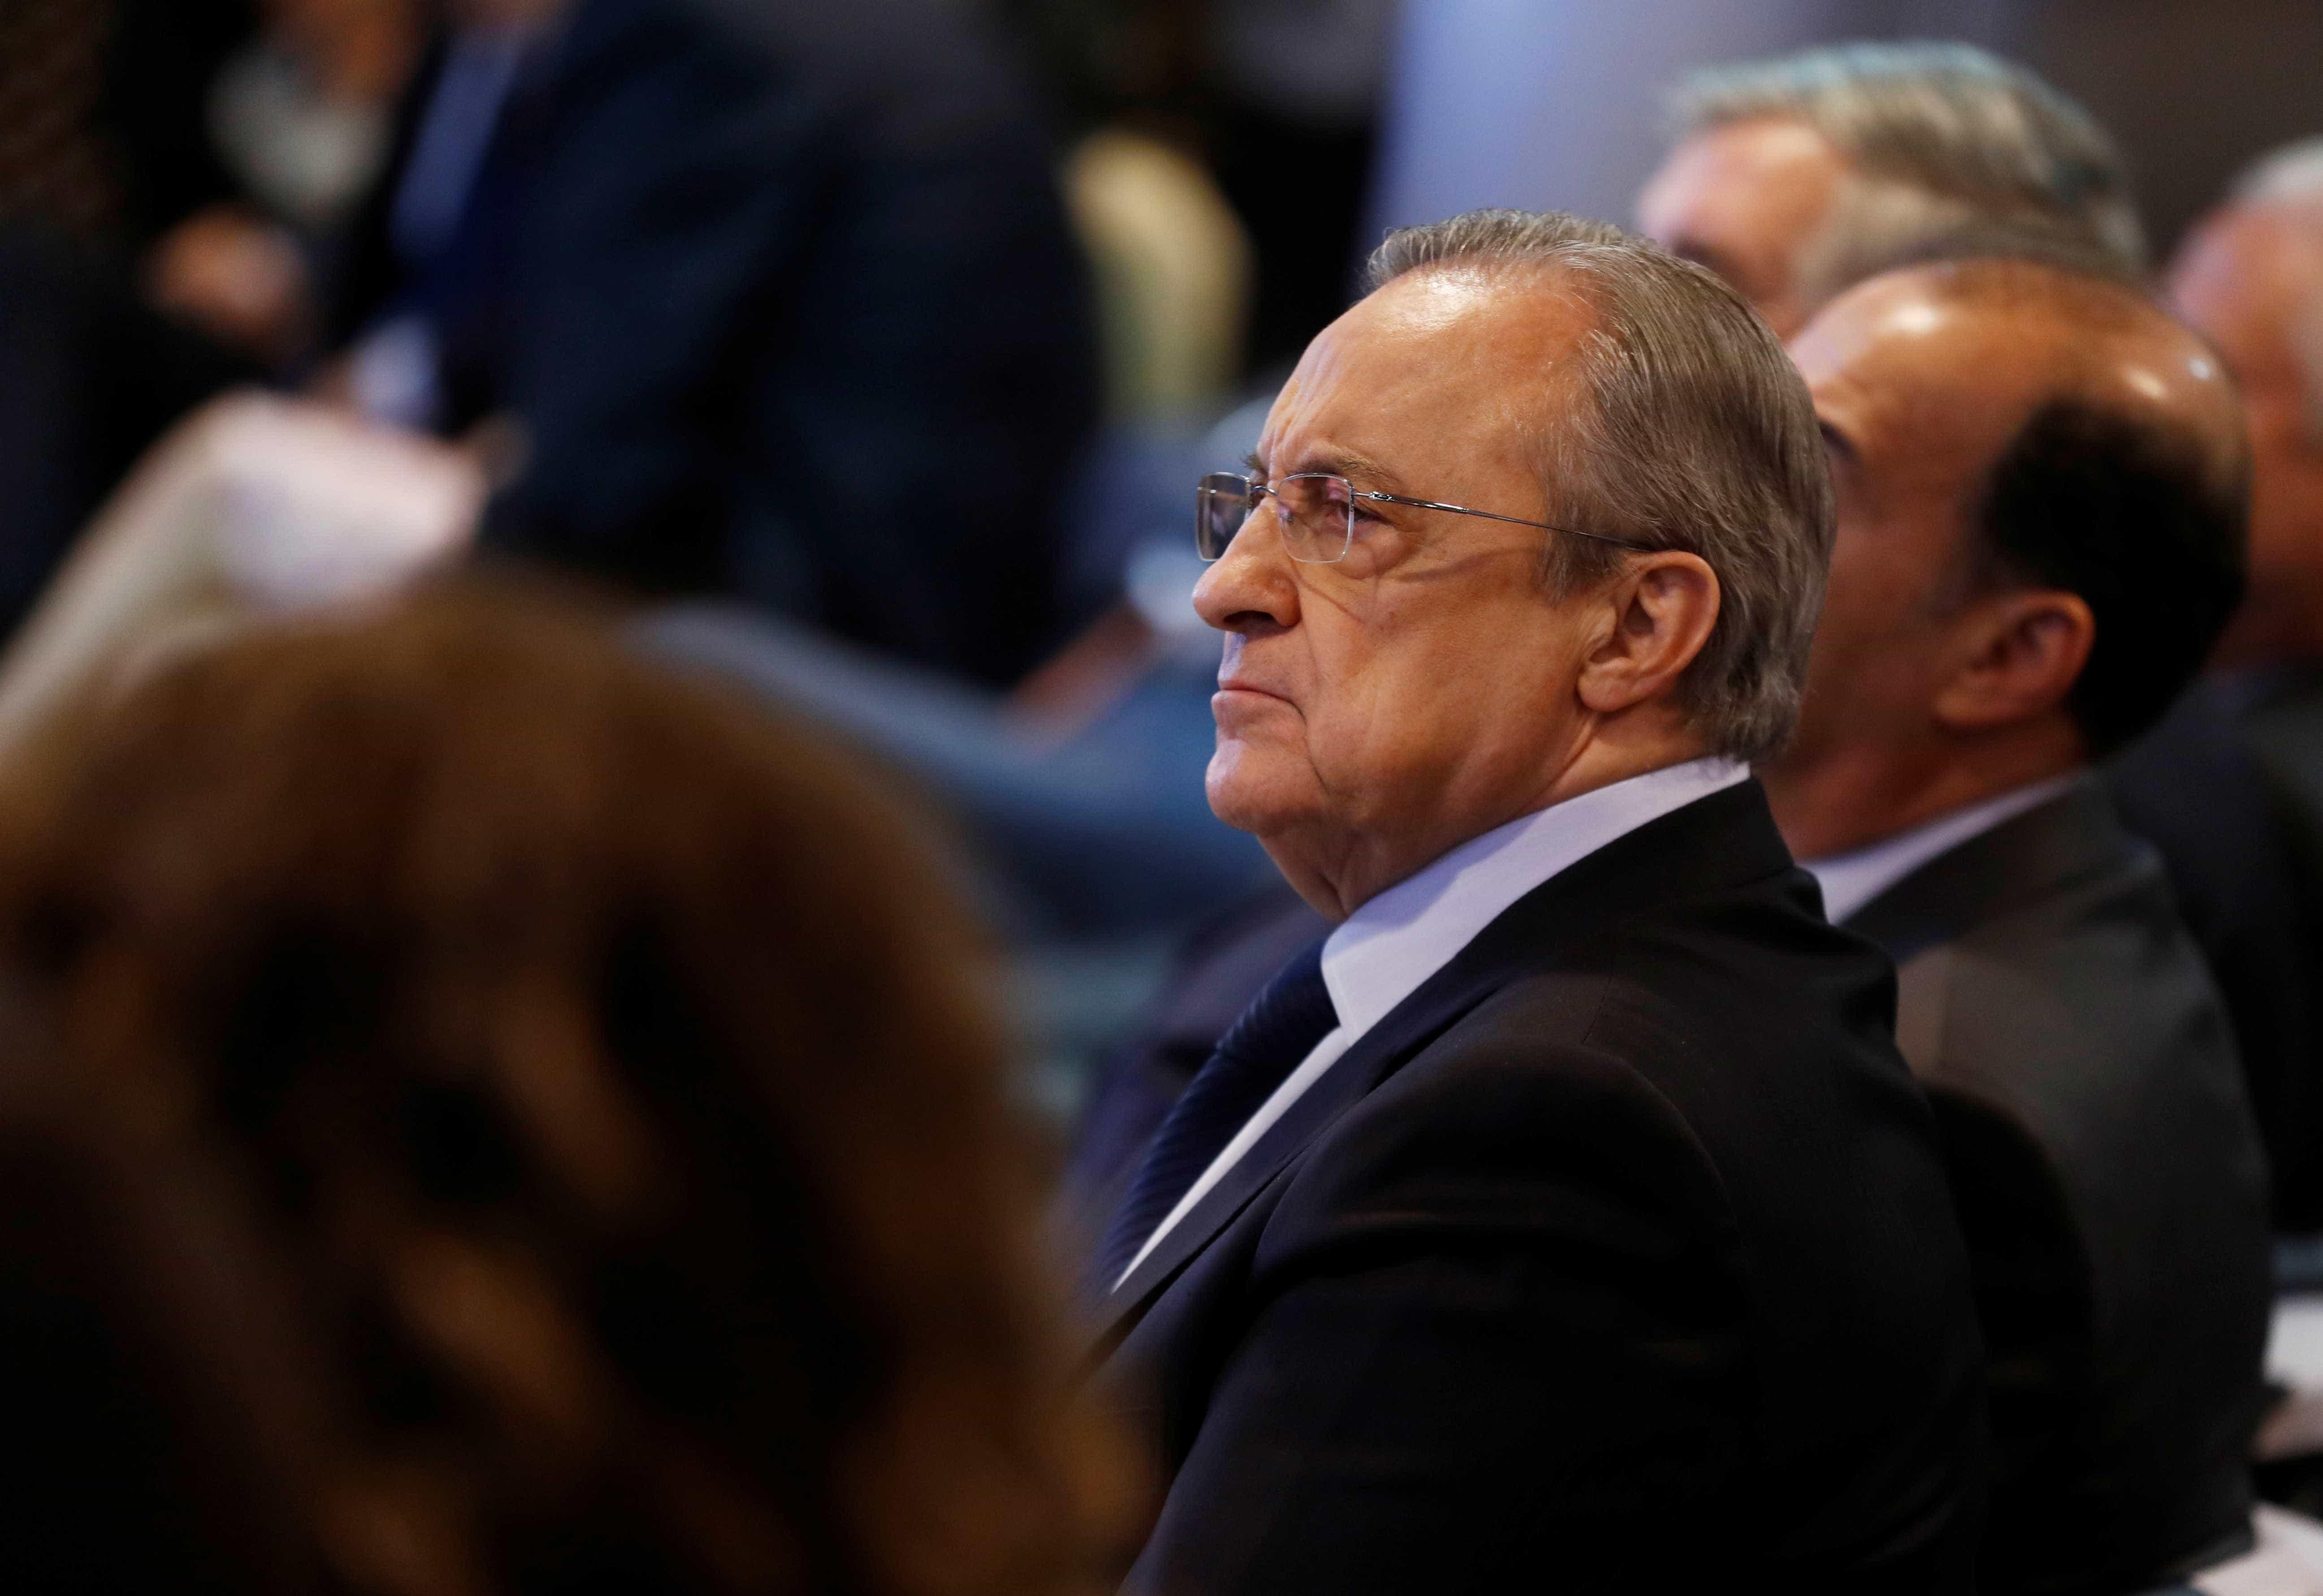 Jornalista 'pica' Florentino Pérez sobre Hazard e a resposta foi esta